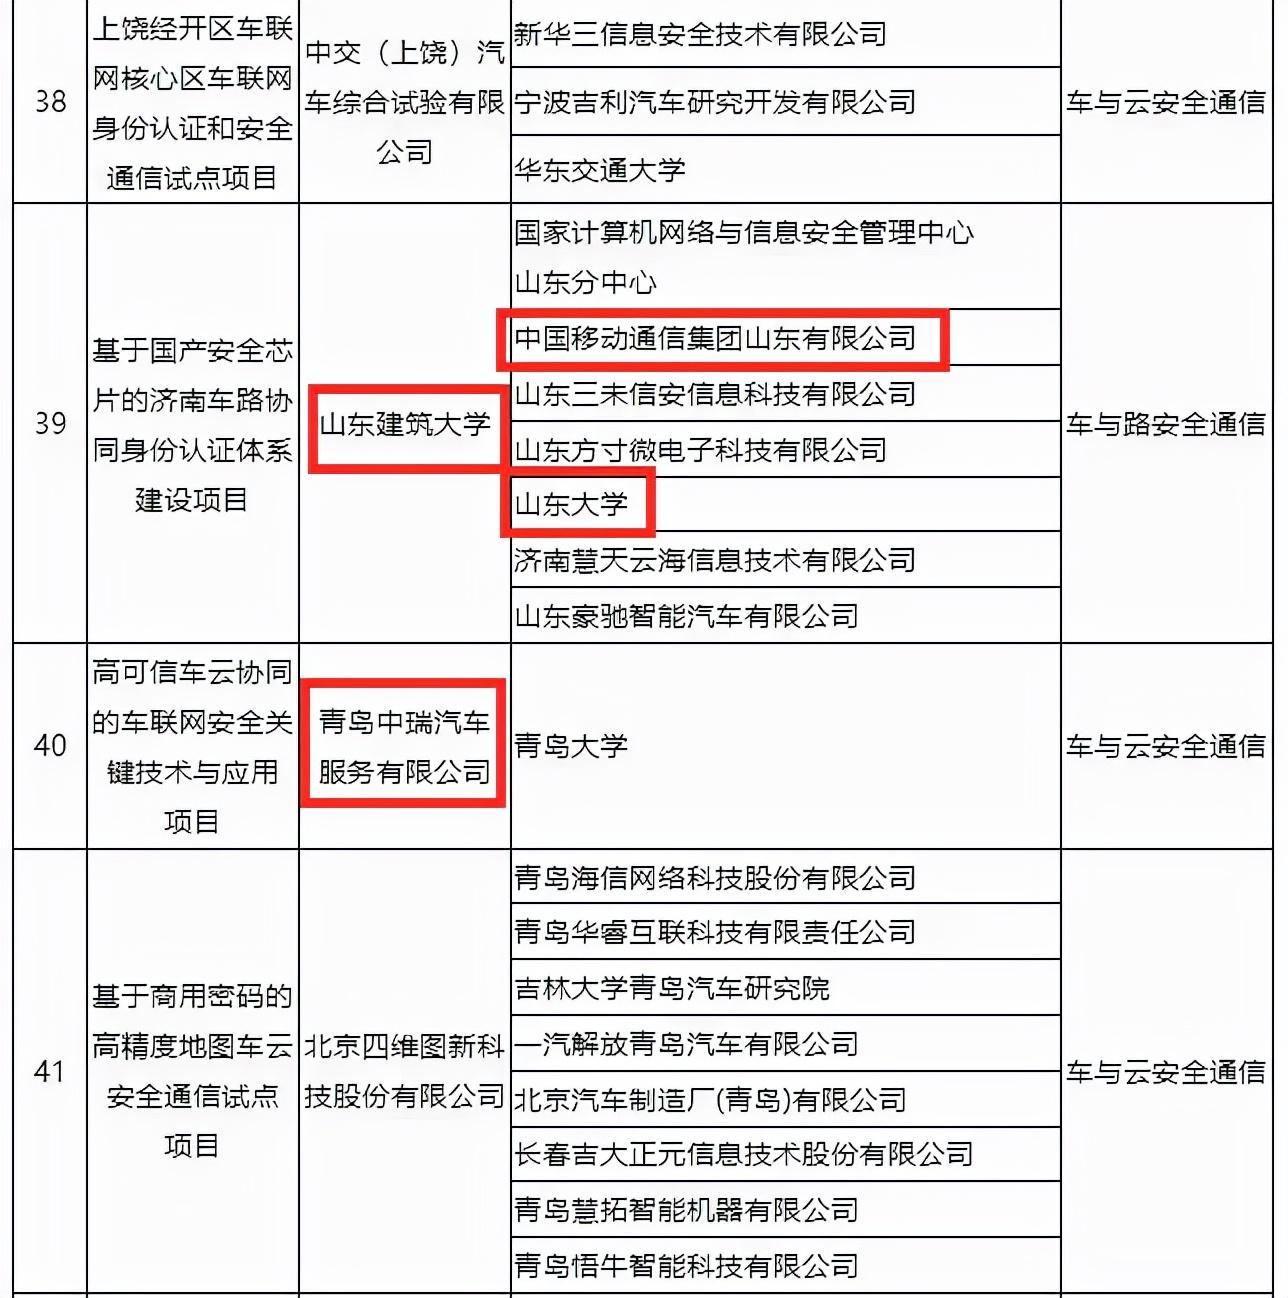 【会员采风】多家会员单位入选工信部车联网身份认证和安全信任试点项目名单